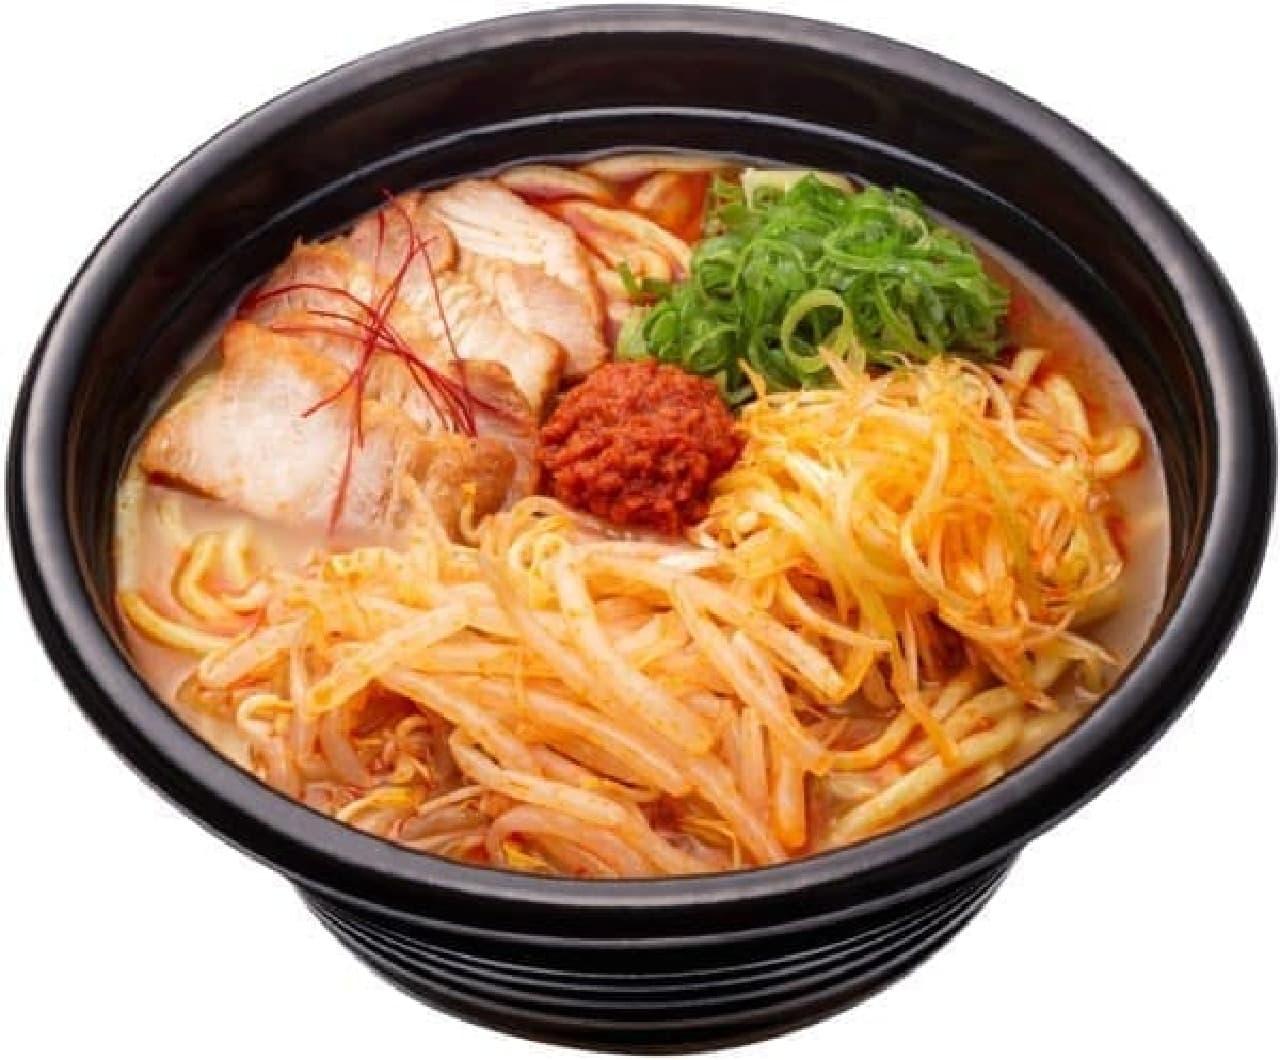 ファミリーマート「炎のスパイシー味噌ラーメン ~唐辛子&山椒入り~」